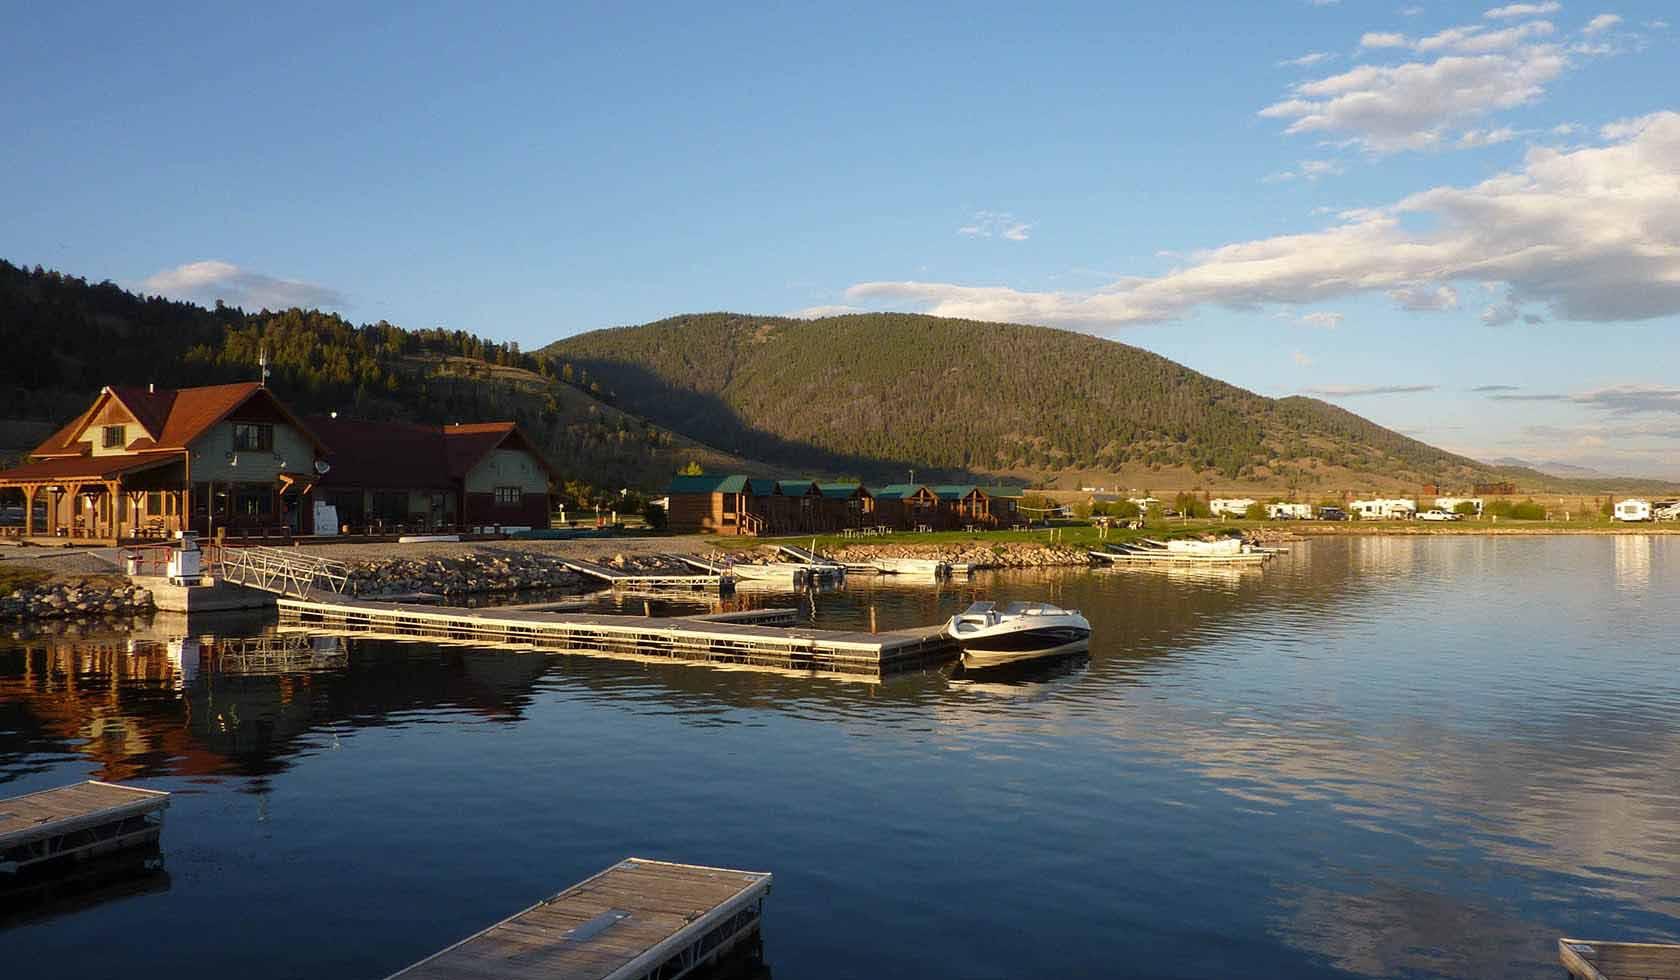 Marina at Yellowstone Holiday profile image